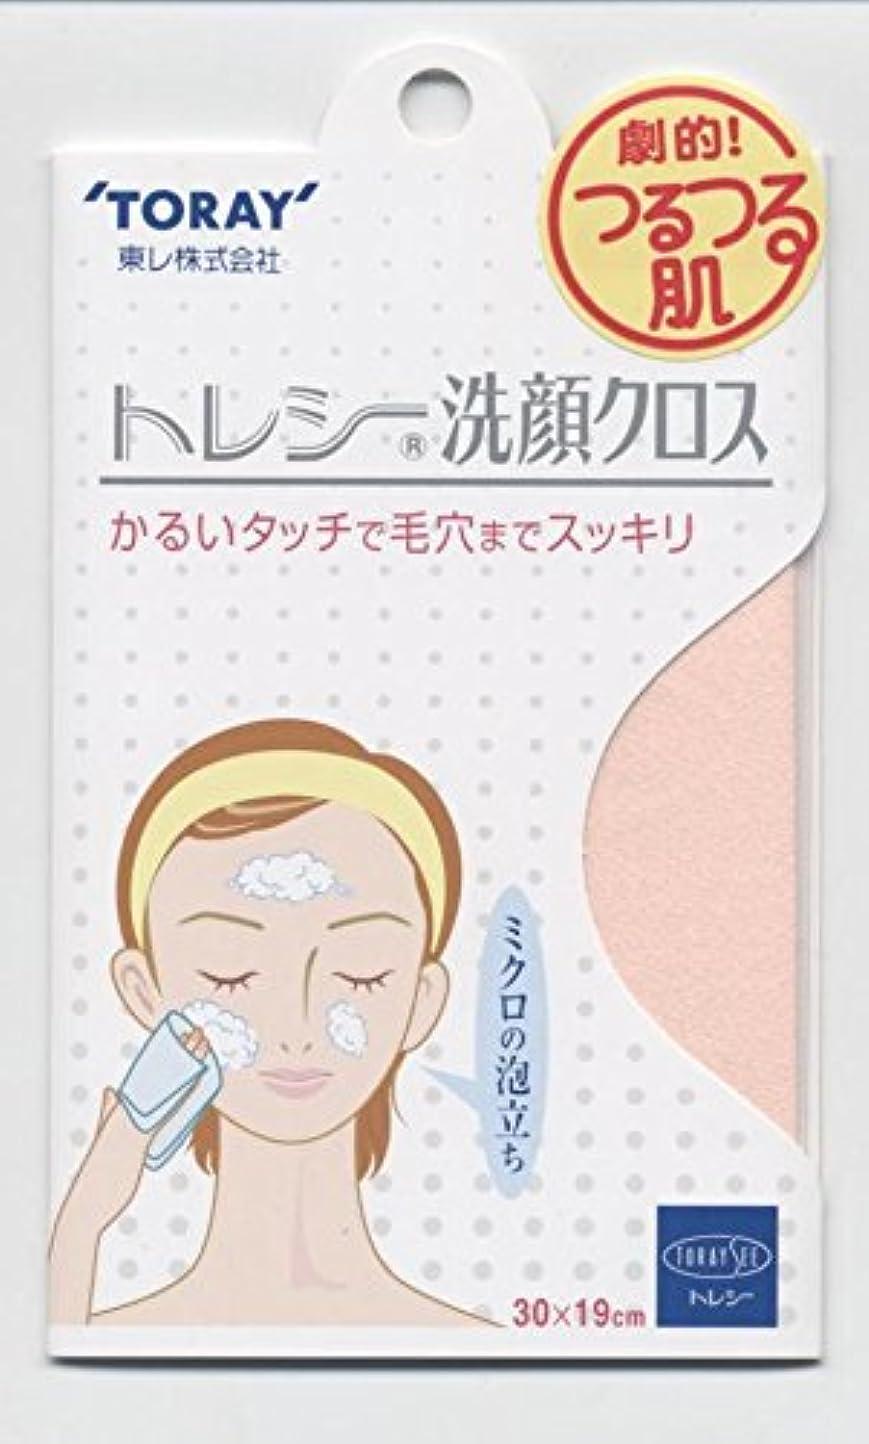 コレクションピボット尋ねるトレシー 洗顔クロス 30×19cm ピンク